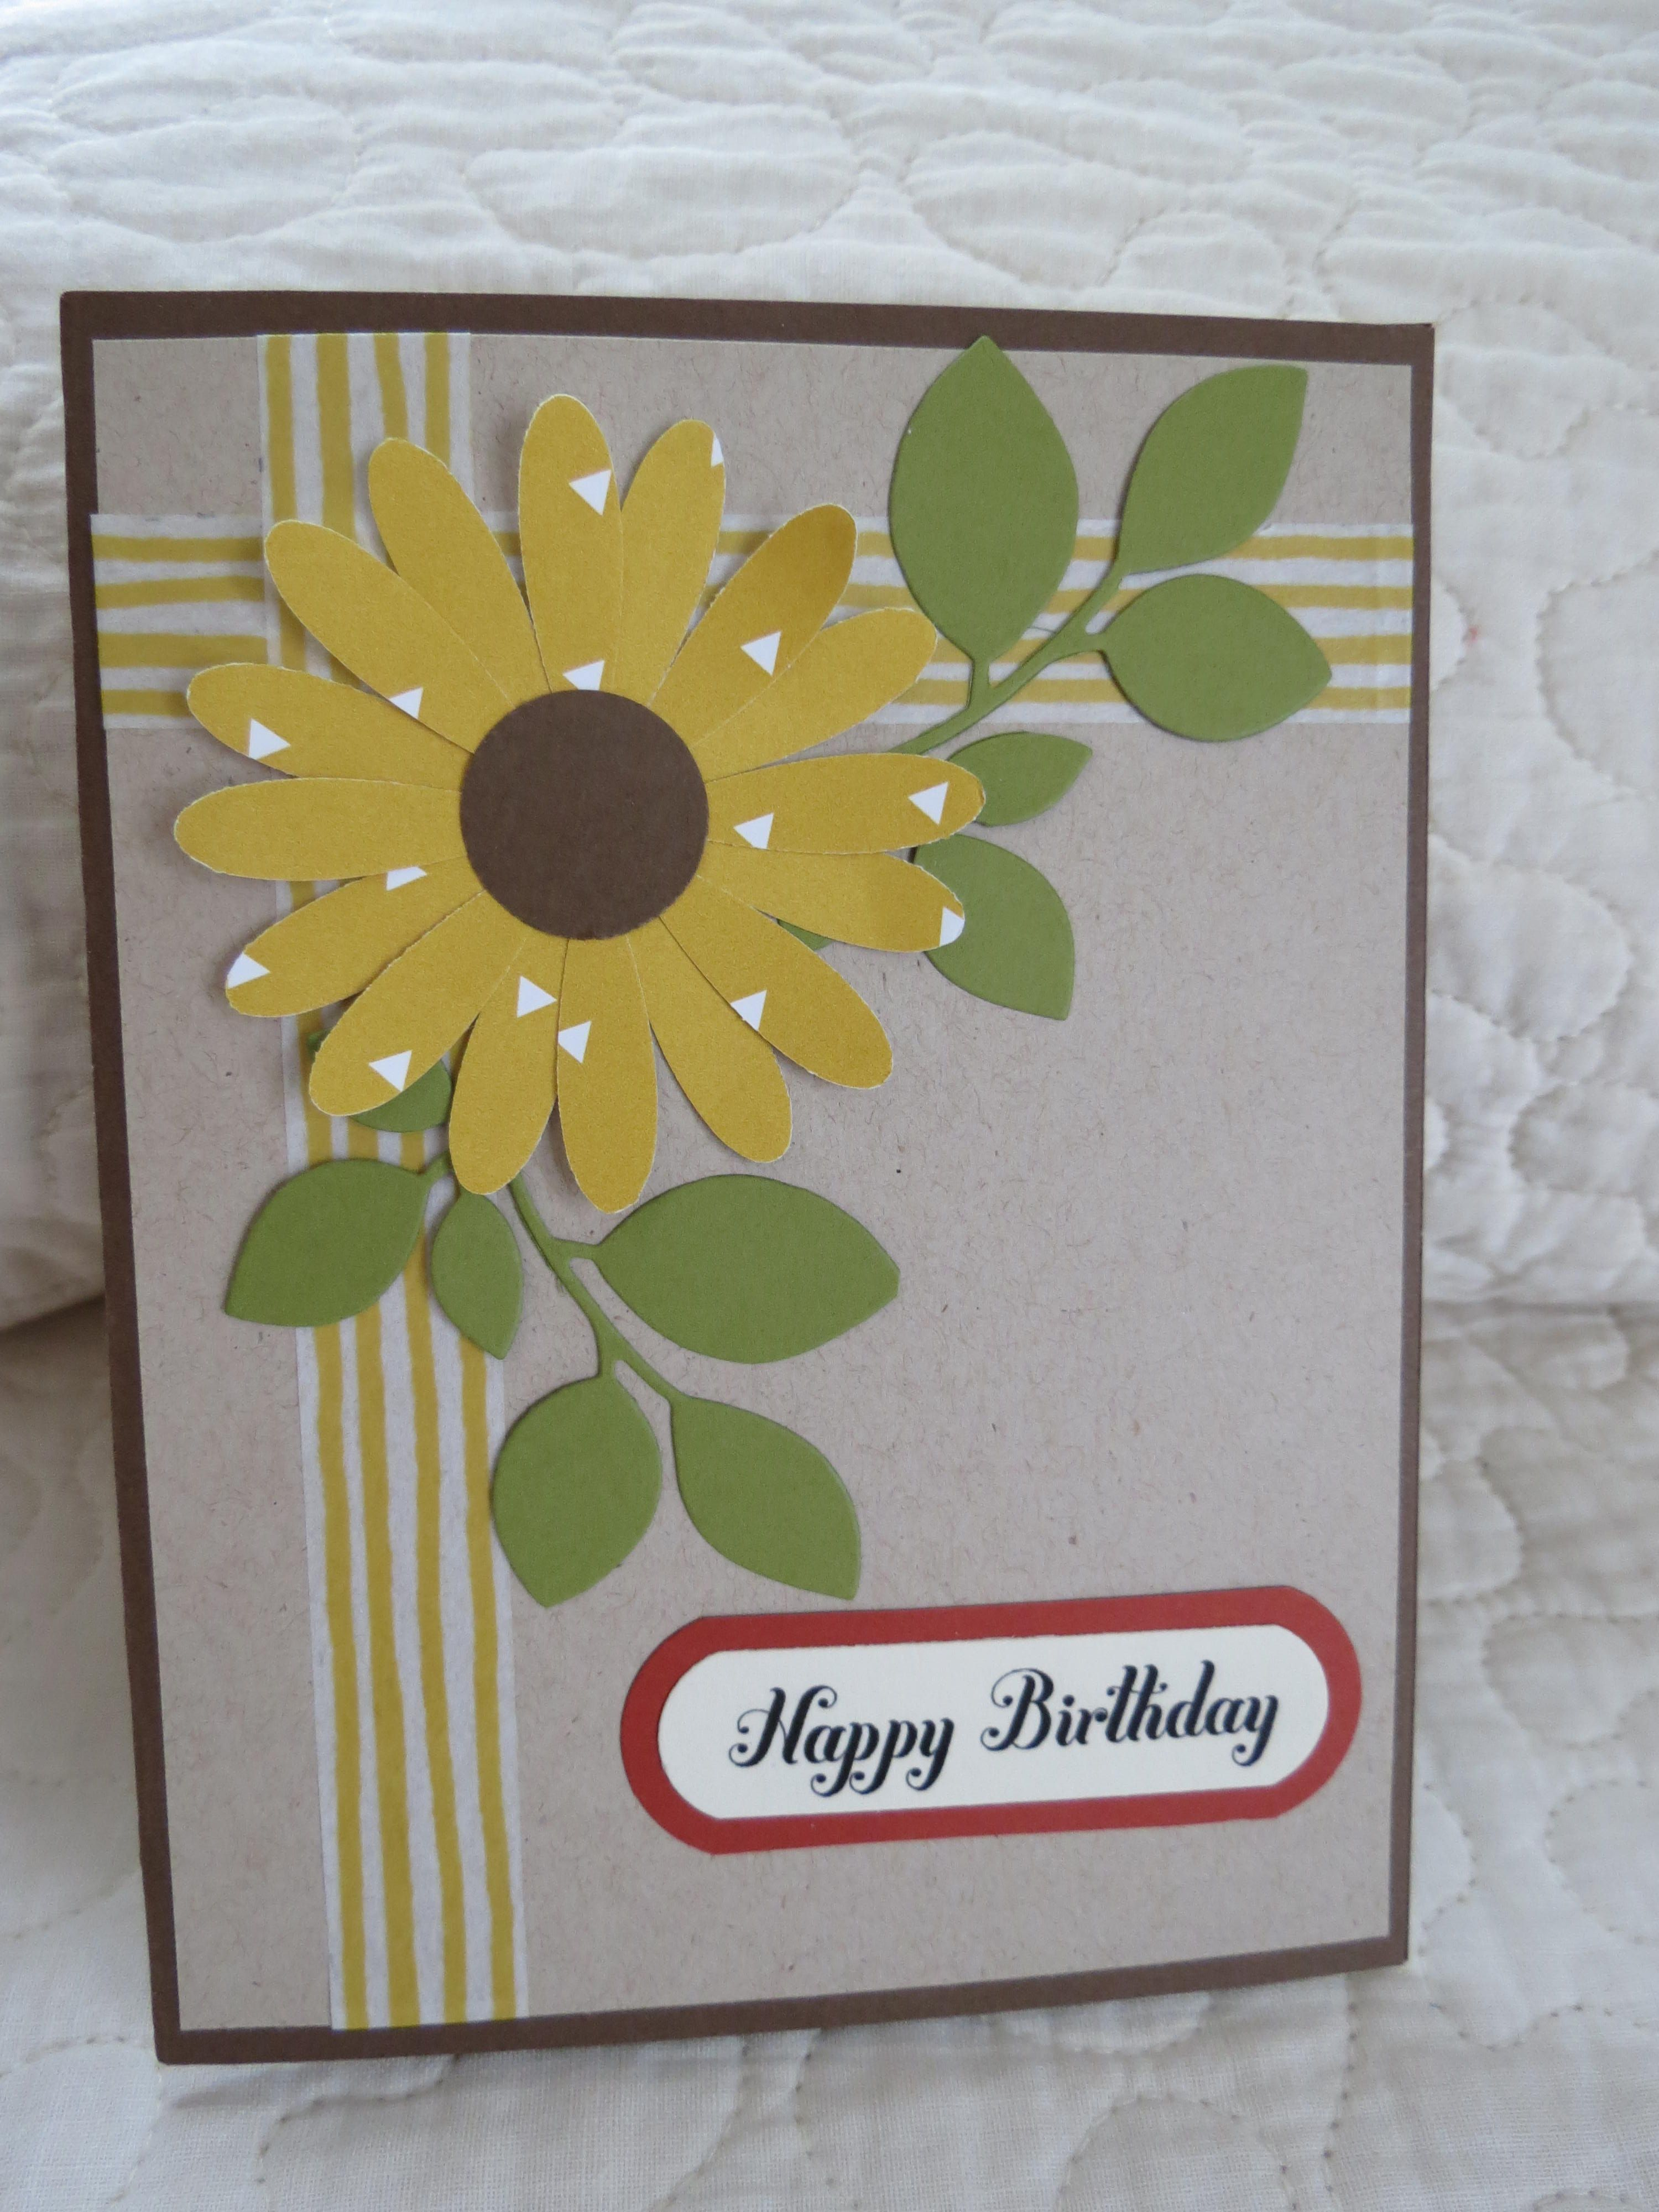 Birthday Card 2014 Cards Pinterest Birthdays Cards And Card Ideas